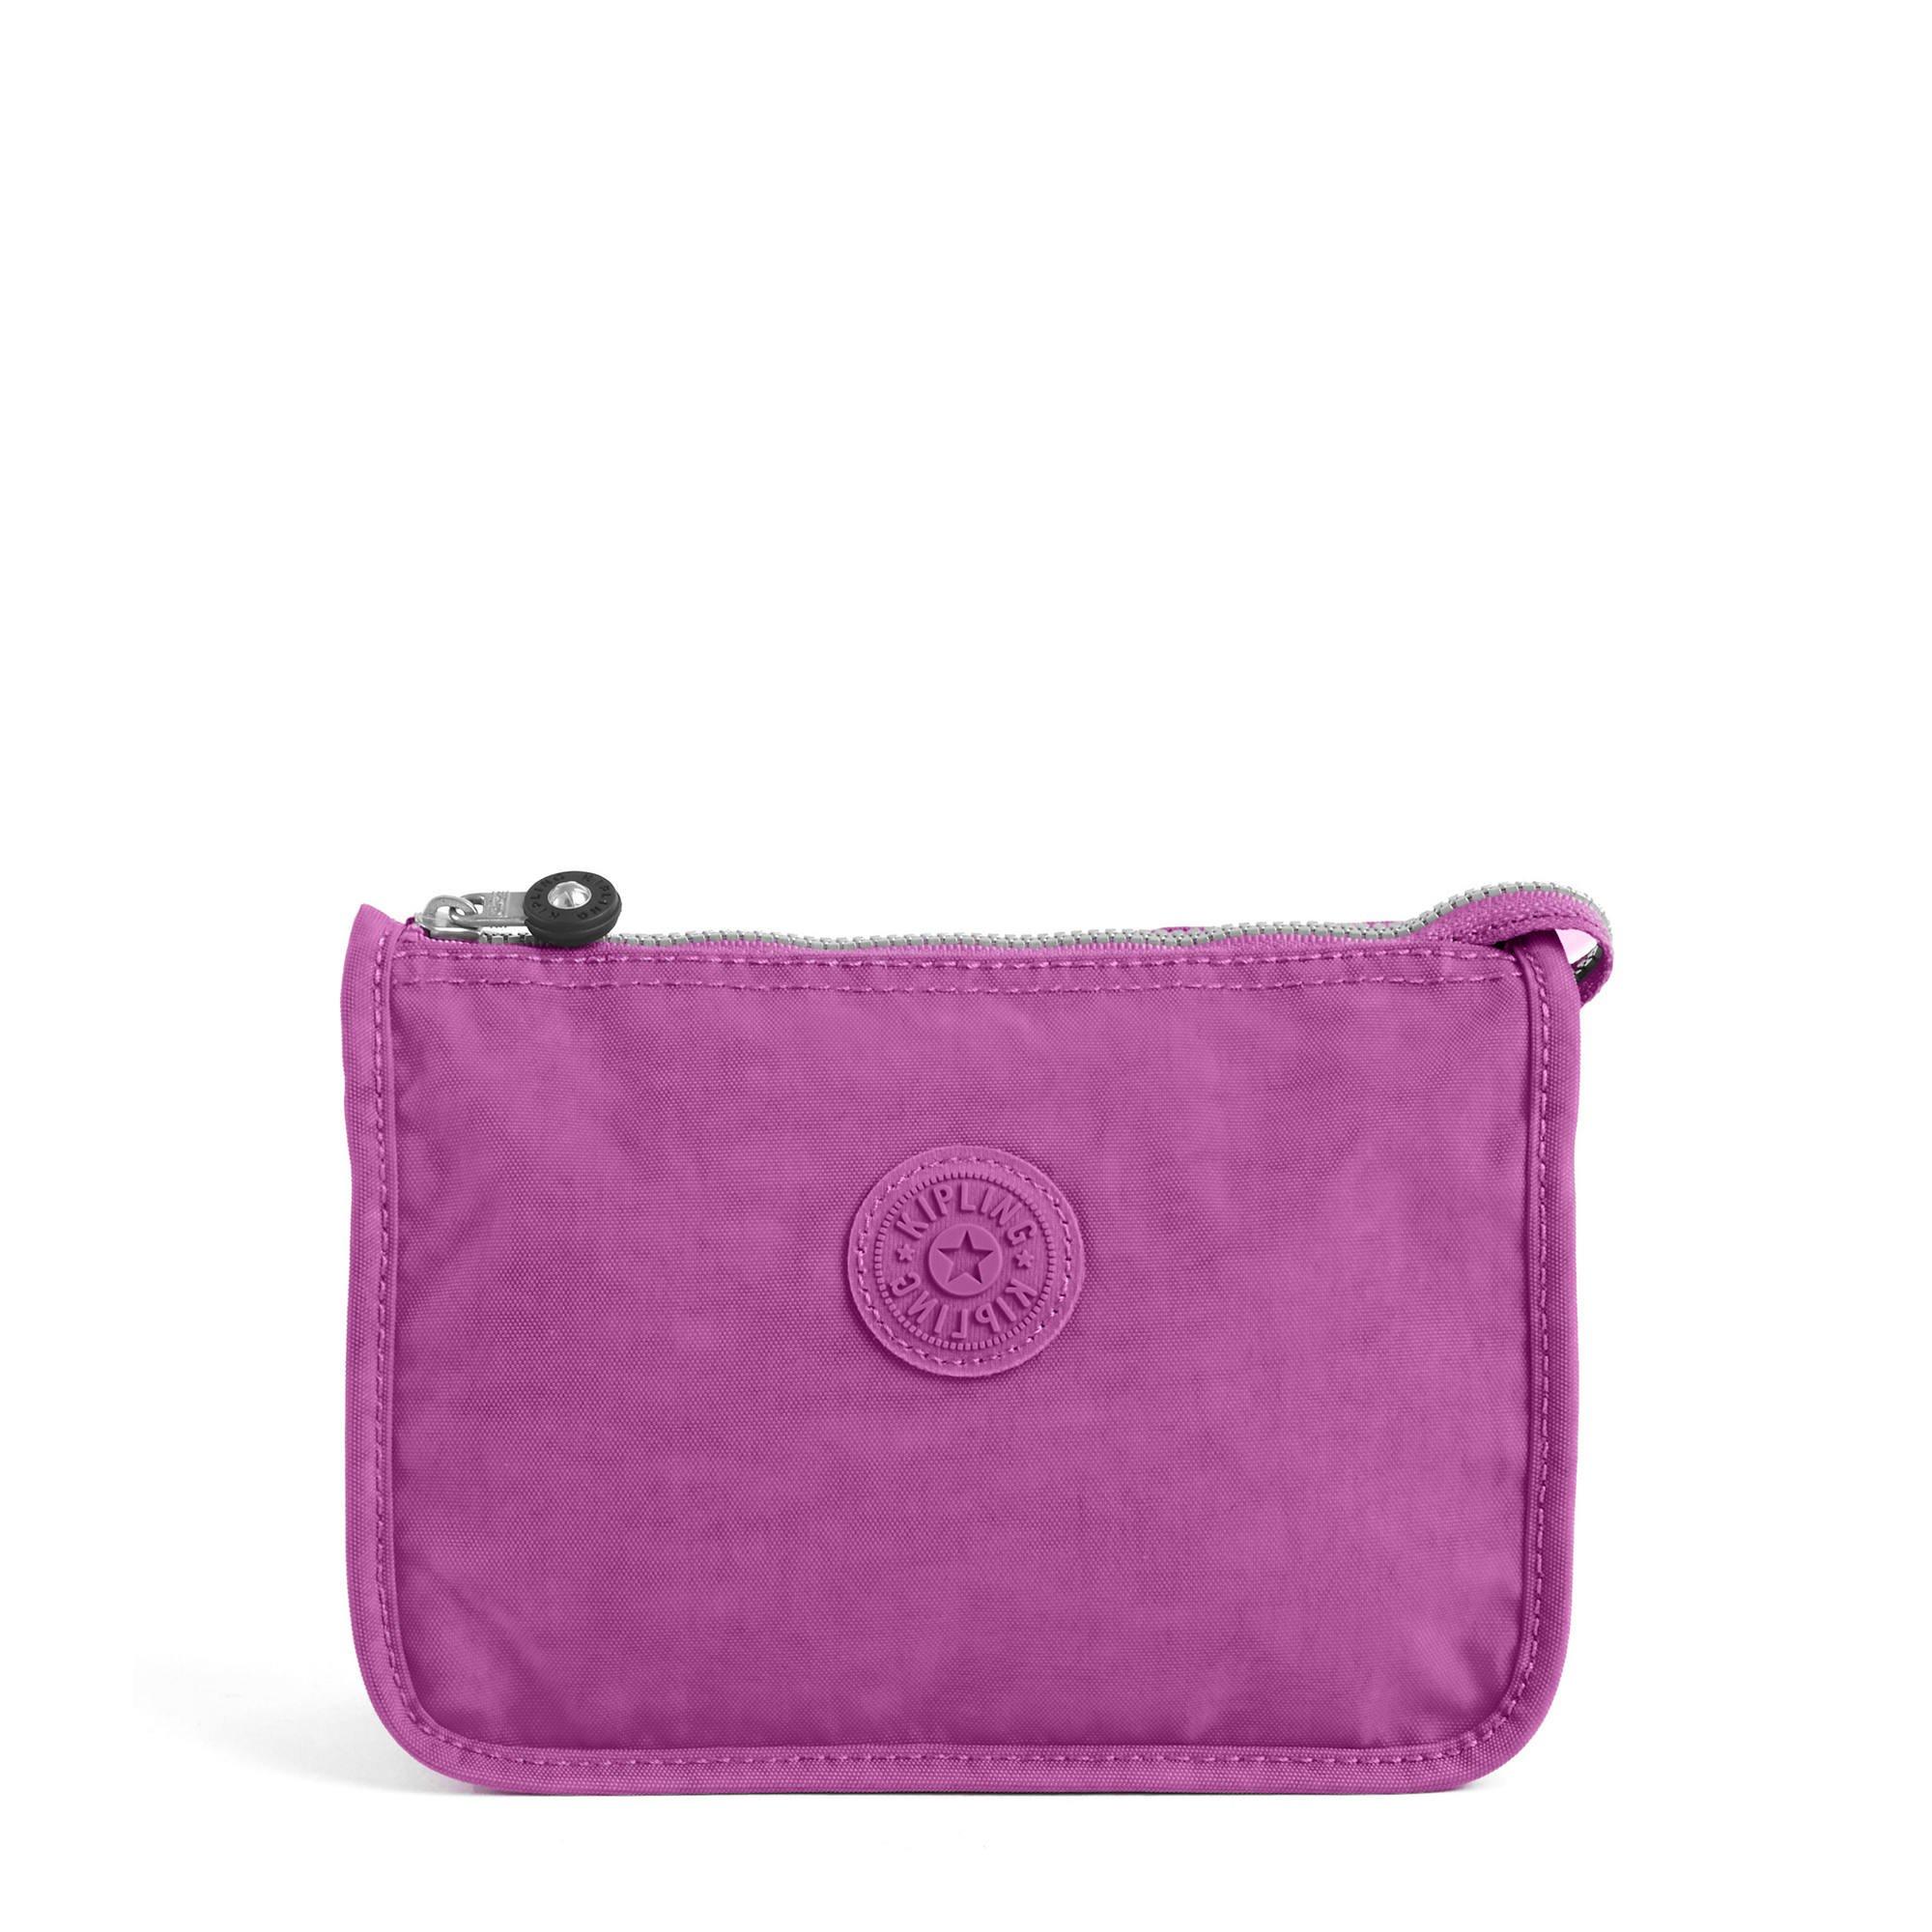 Kipling Women's Harrie Pouch One Size Lilac Dream Purple